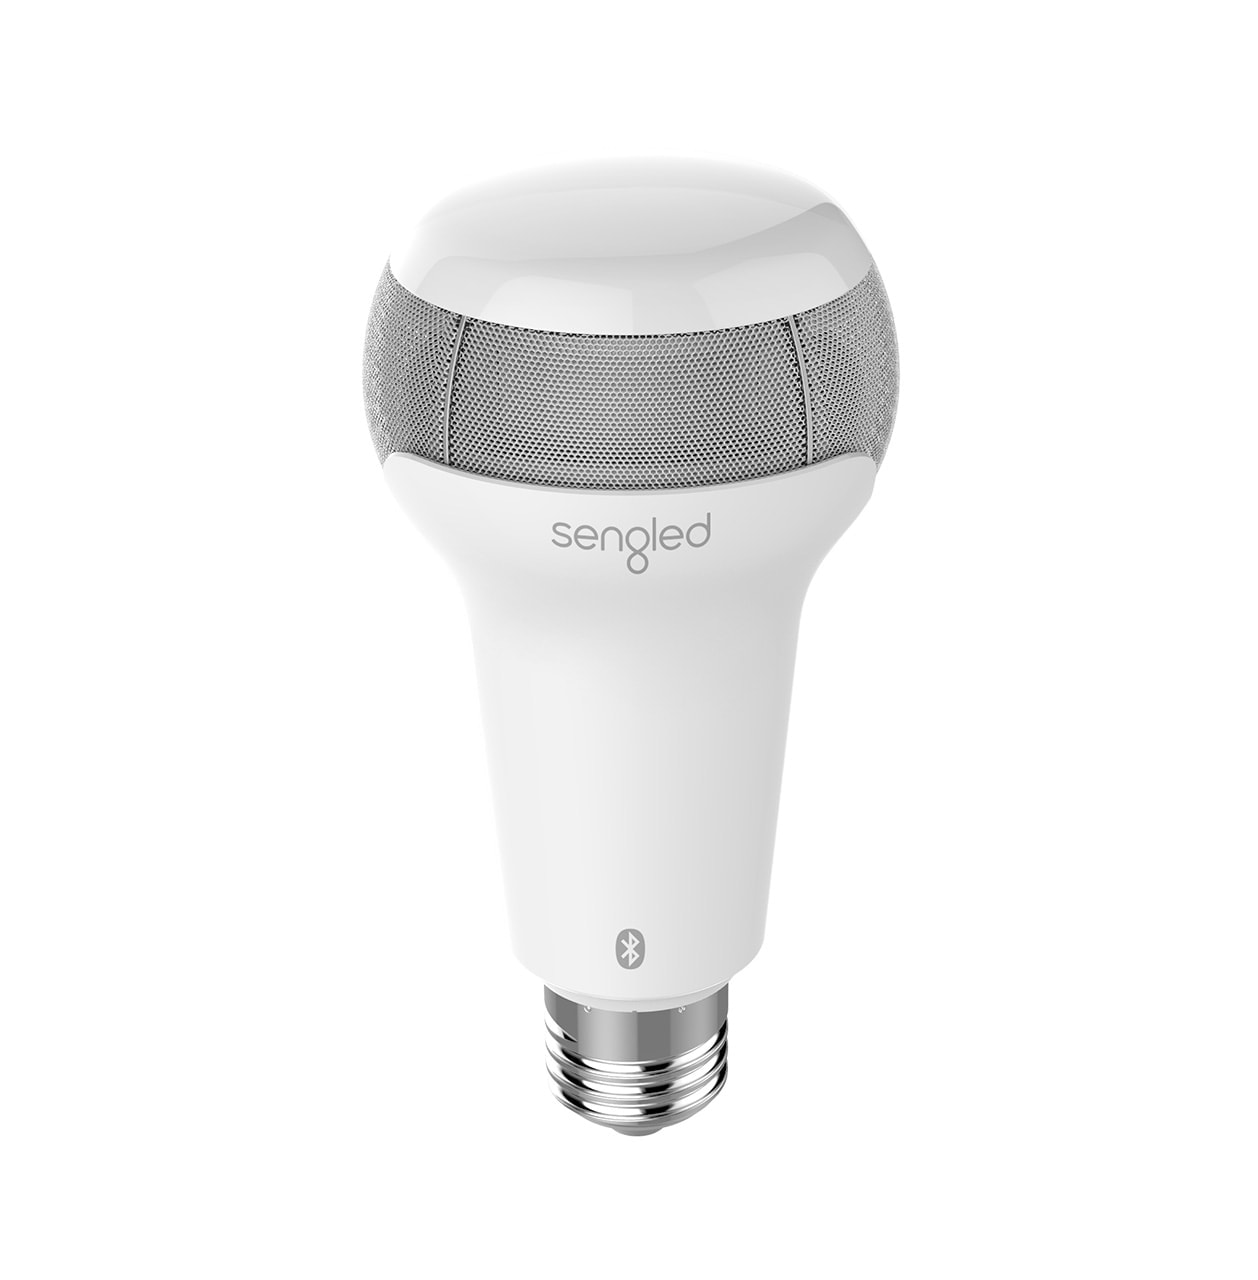 Sengled Pulse Solo / Ampoule LED E27-Enceinte JBL 6W BT (C01-A66EA-E27 **) - Achat / Vente Objets Connectés sur Cybertek.fr - 0